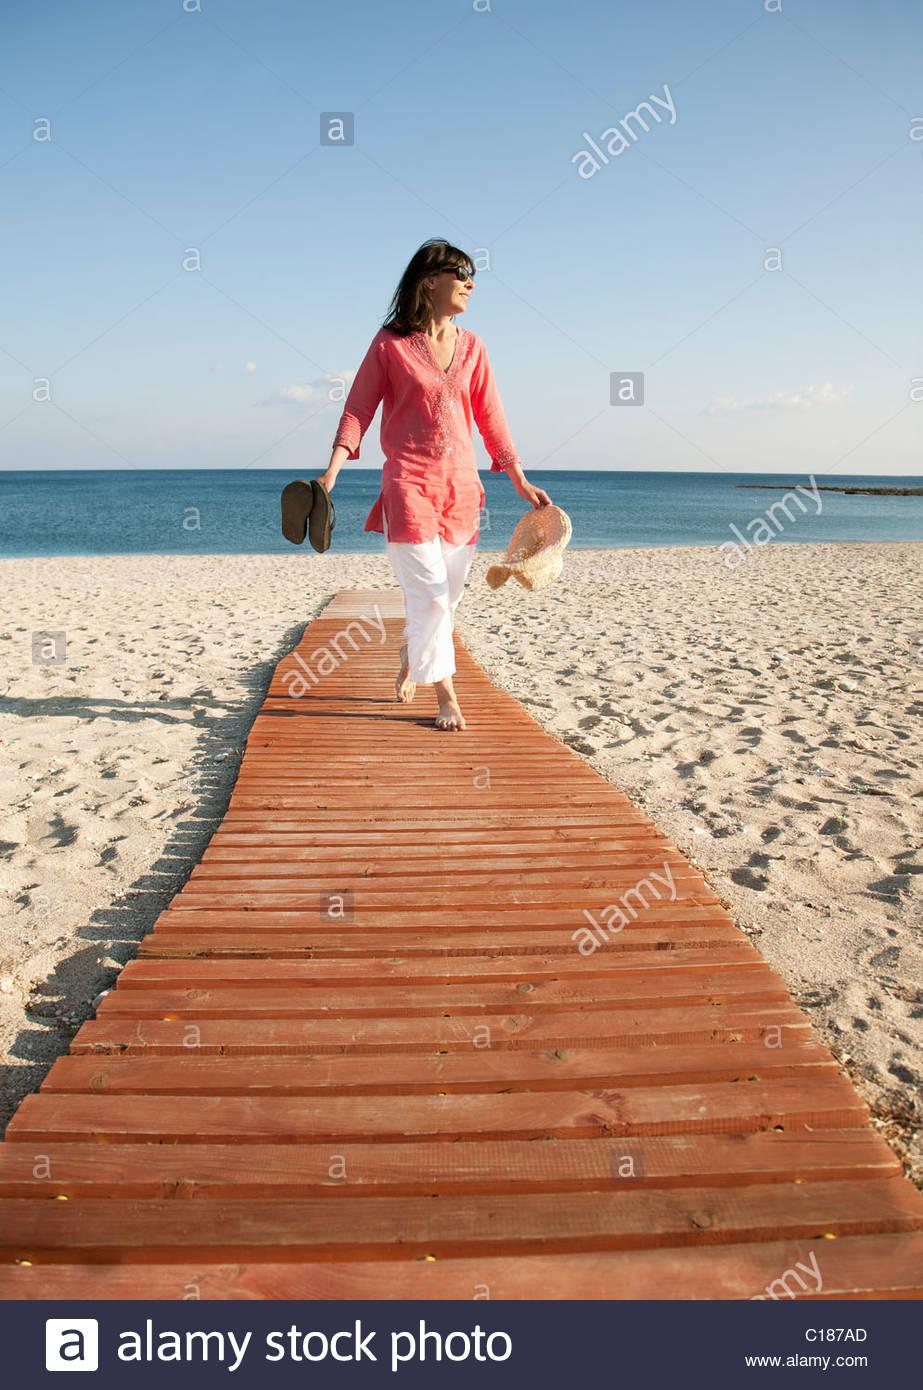 Woman walking on boardwalk on beach Stock Photo